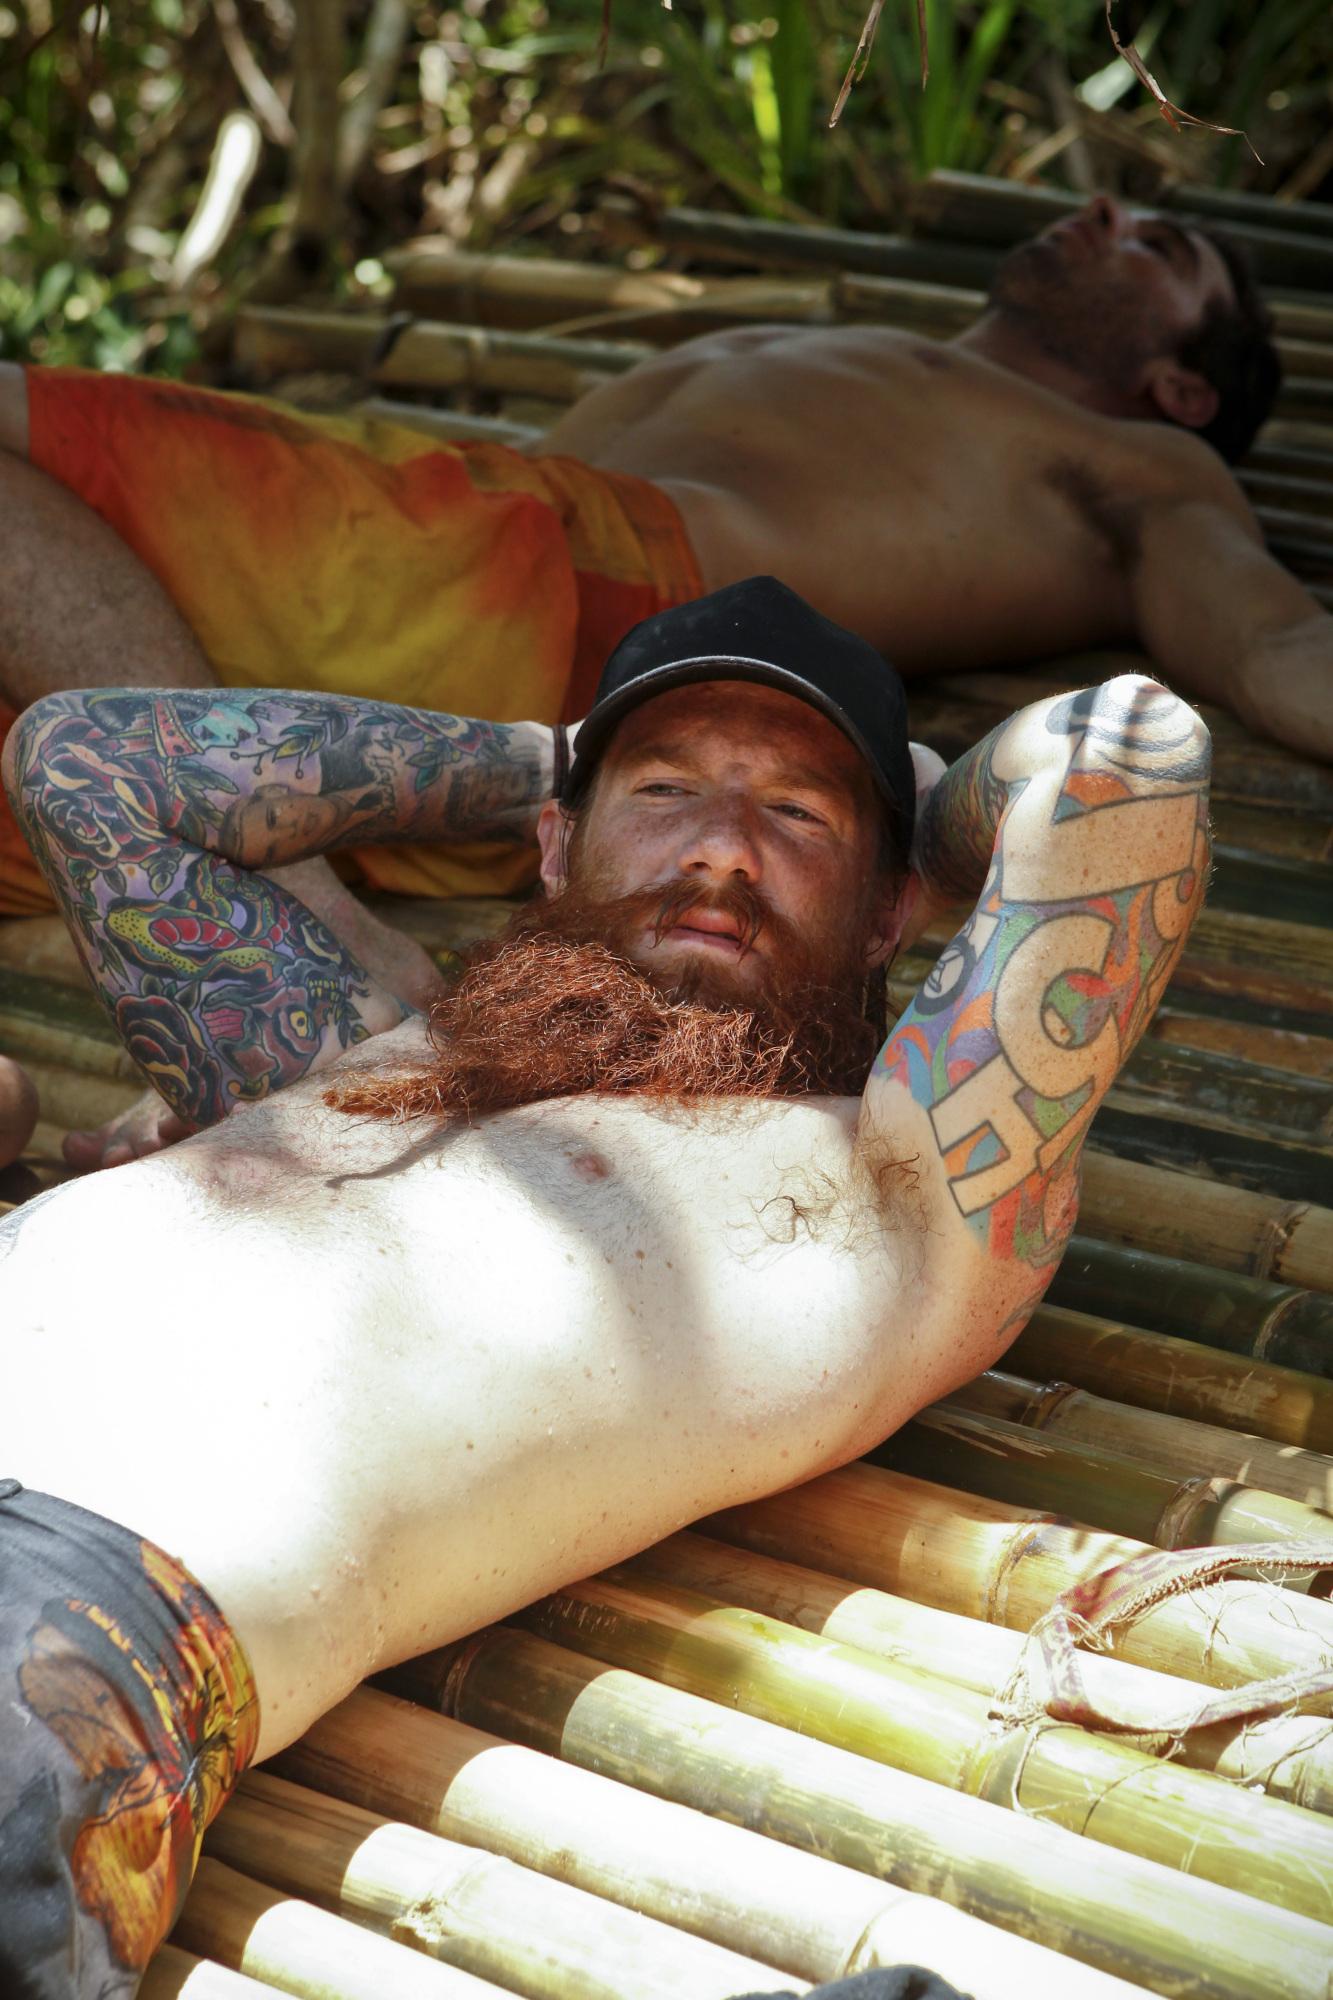 Matt relaxes in